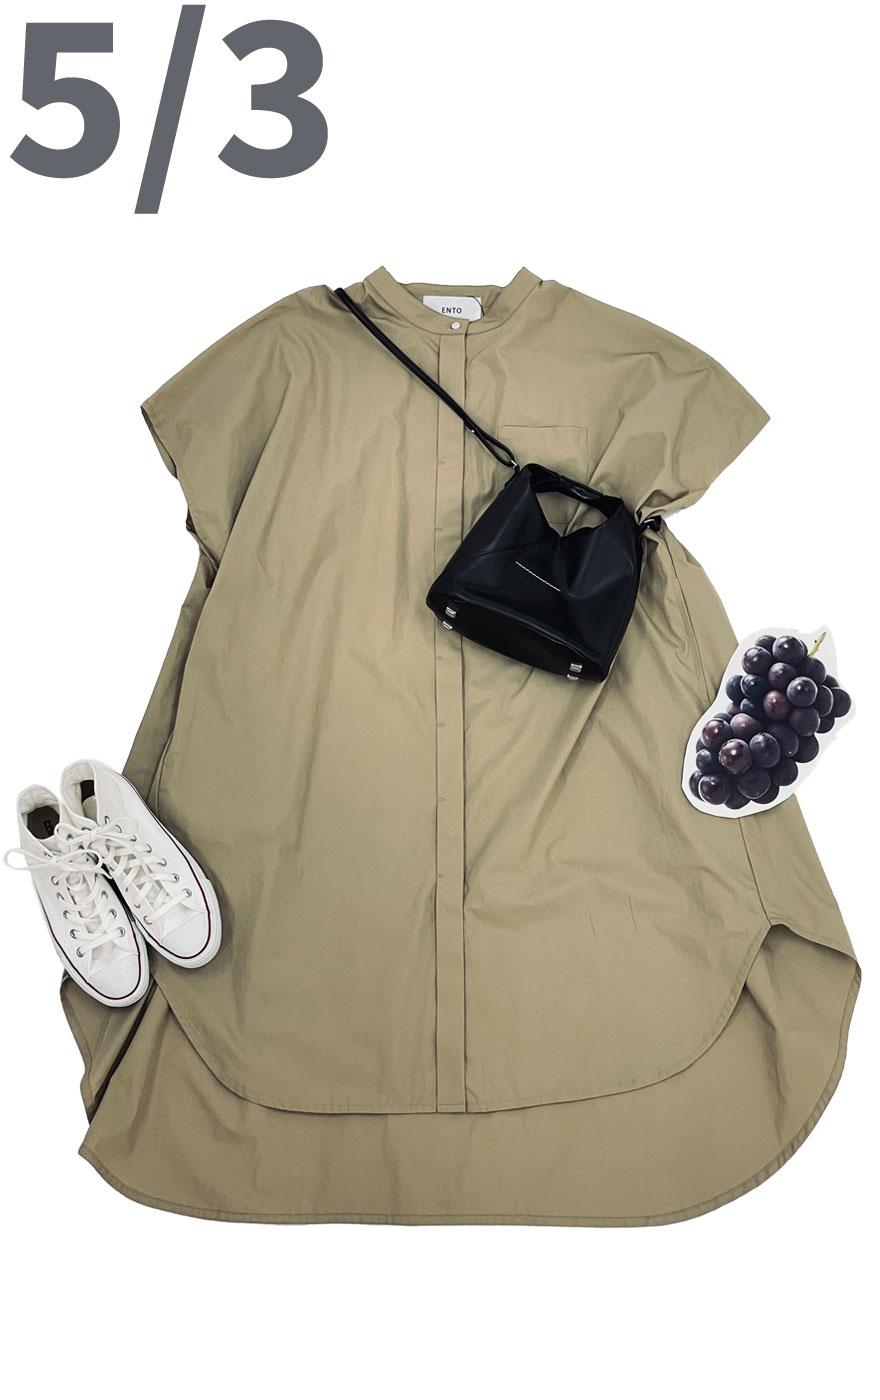 フルーツ狩りも可愛く映えるコーディネート。ロングシャツを前ボタンをとめてワンピース風に着て足元はスニーカー合わせで動きやすい服装で。